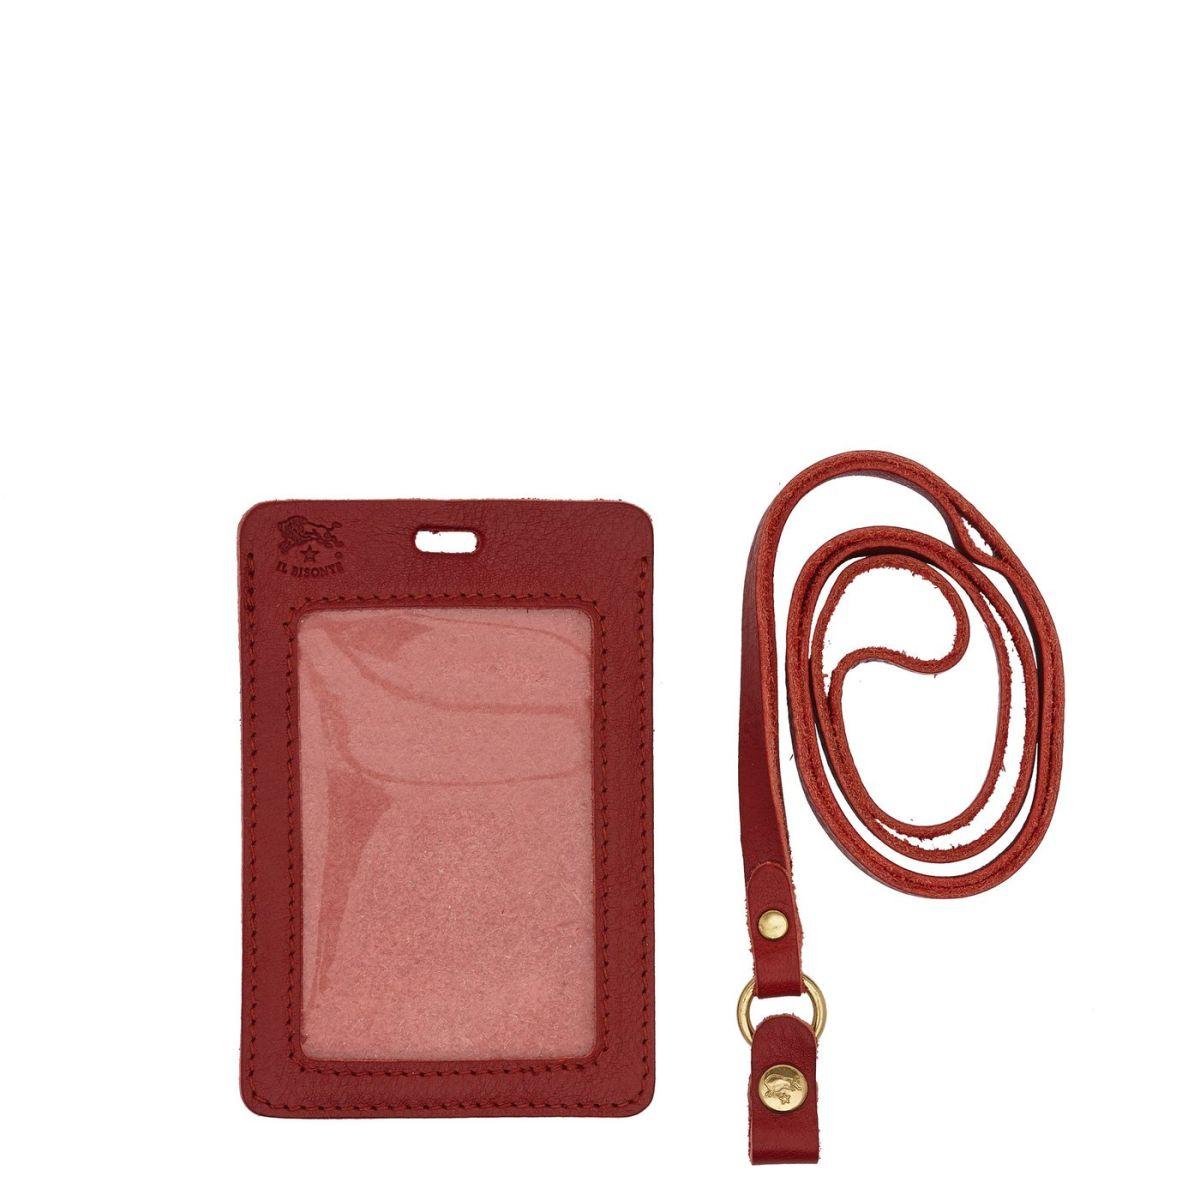 Porte-Cartes  en Cuir De Vachette Doublé SCC033 couleur Rouge | Details